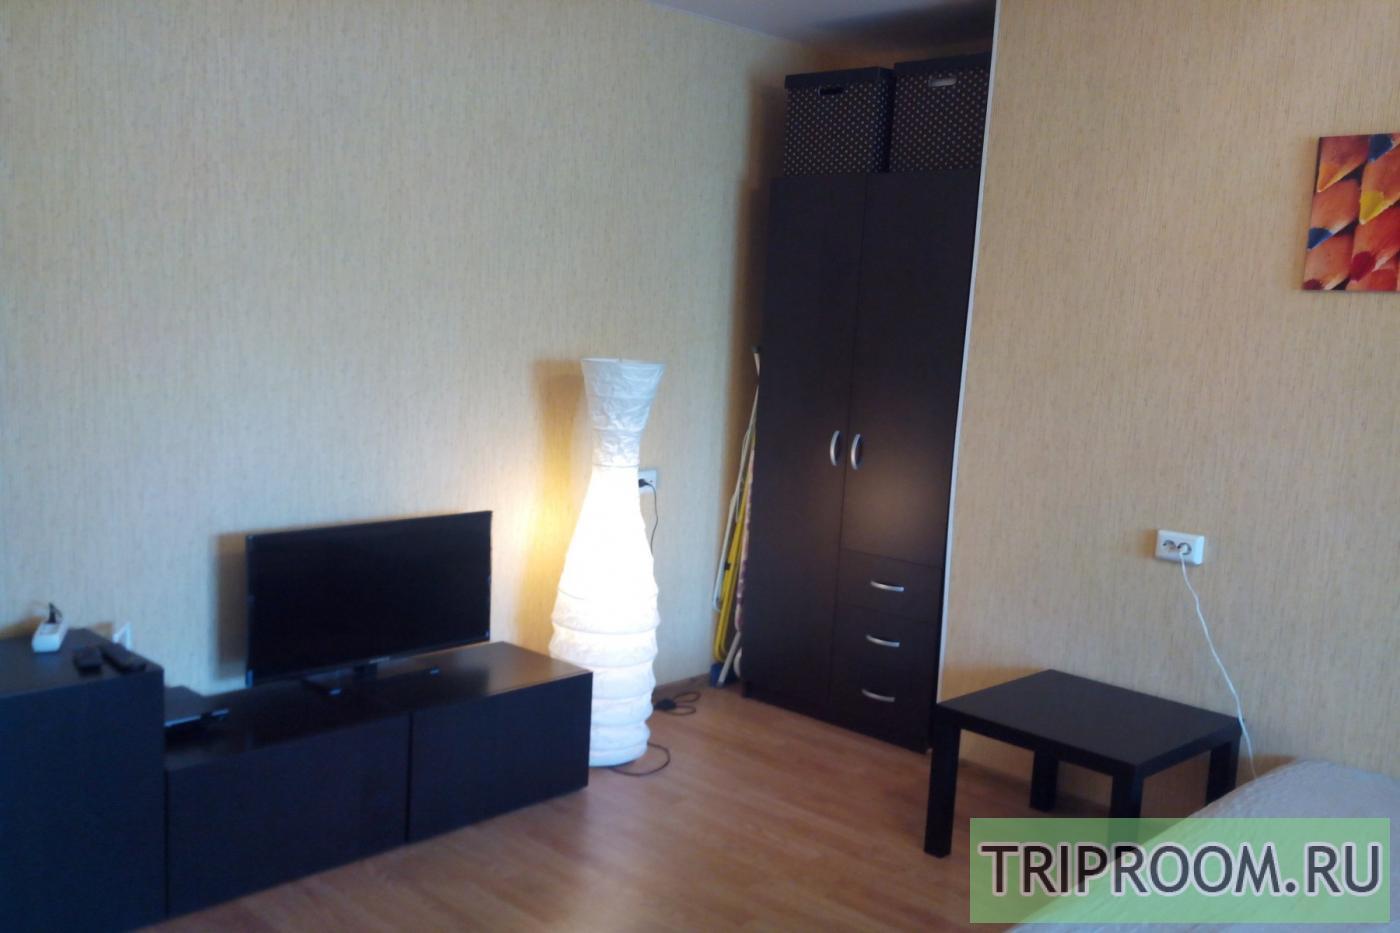 1-комнатная квартира посуточно (вариант № 5966), ул. Гоголя улица, фото № 6